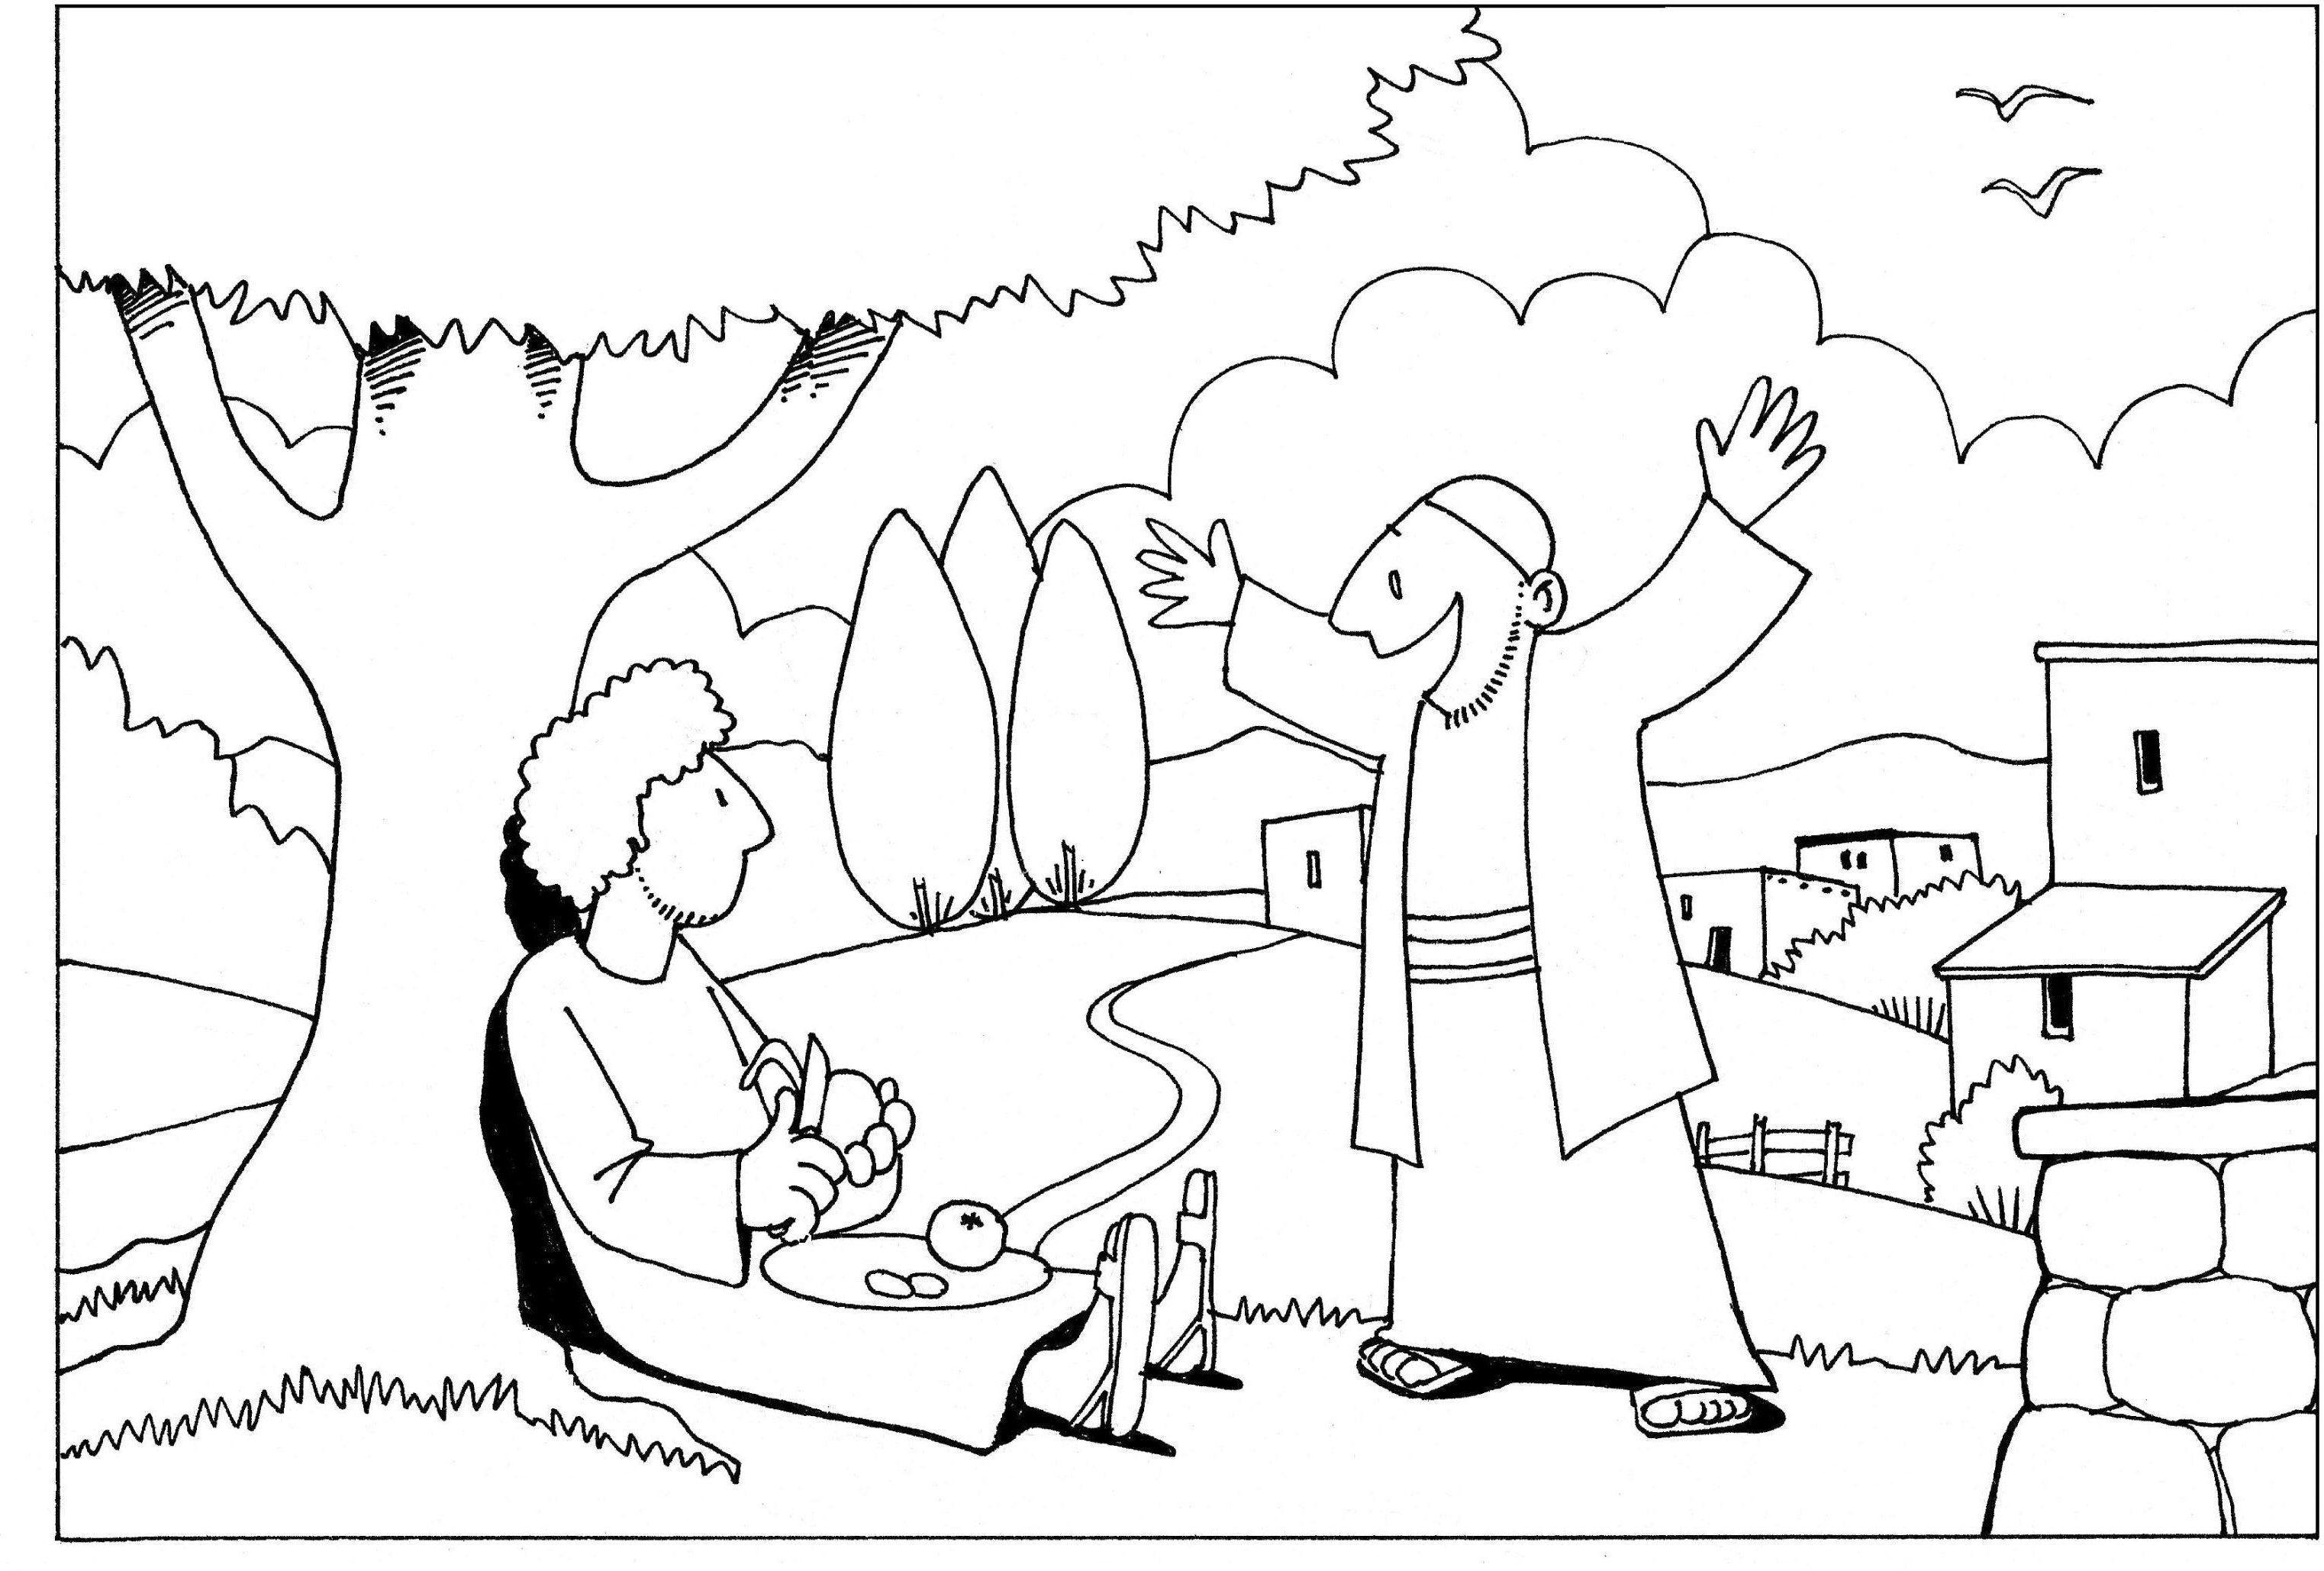 Großzügig Gebet Malvorlagen Zeitgenössisch - Druckbare Malvorlagen ...